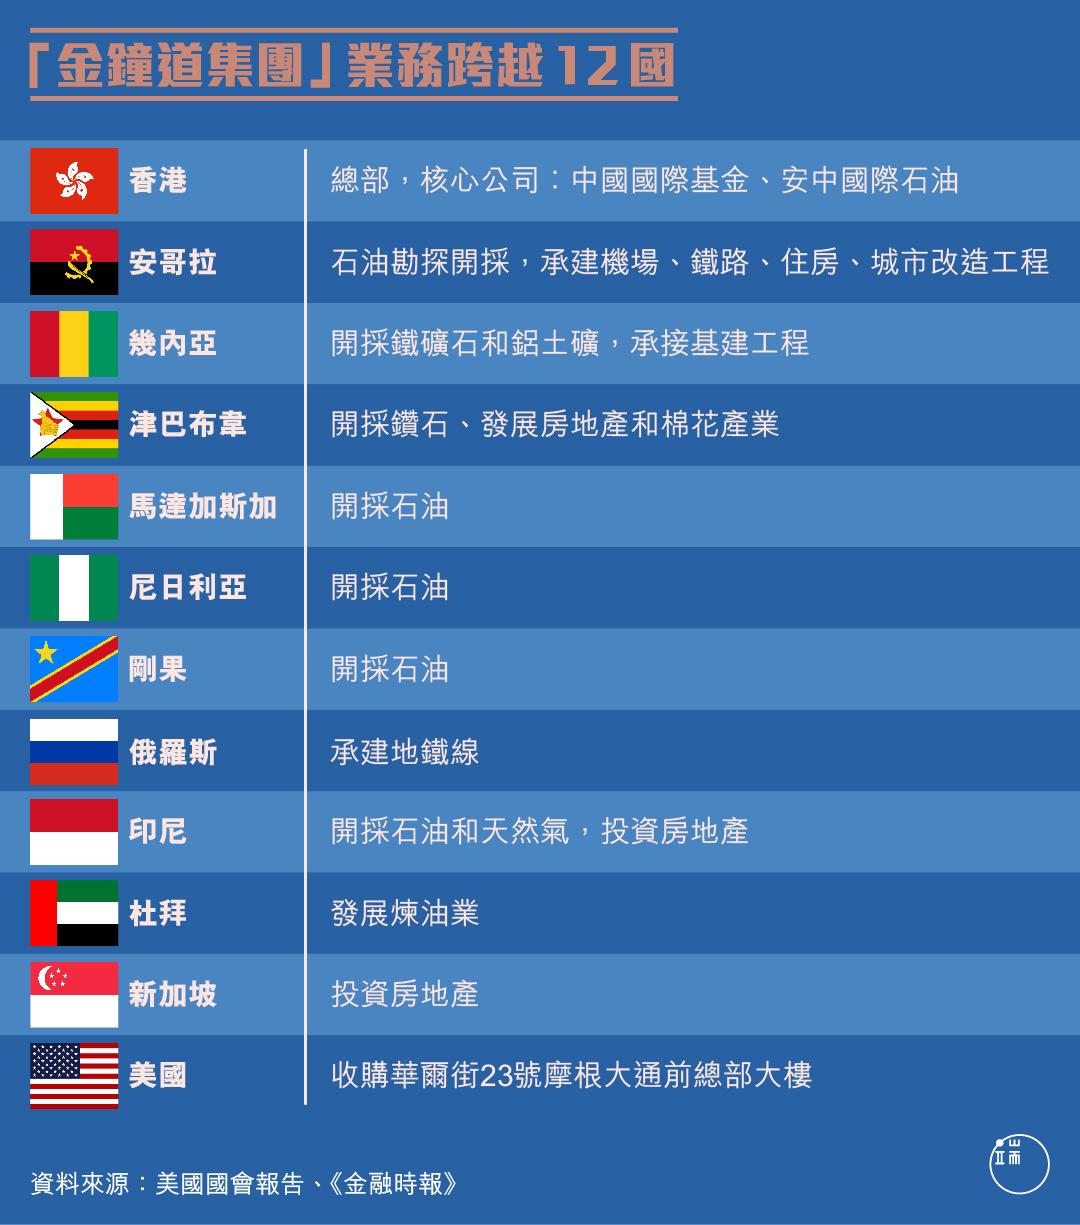 「金鐘道集團」業務跨越12國。圖:端傳媒設計部